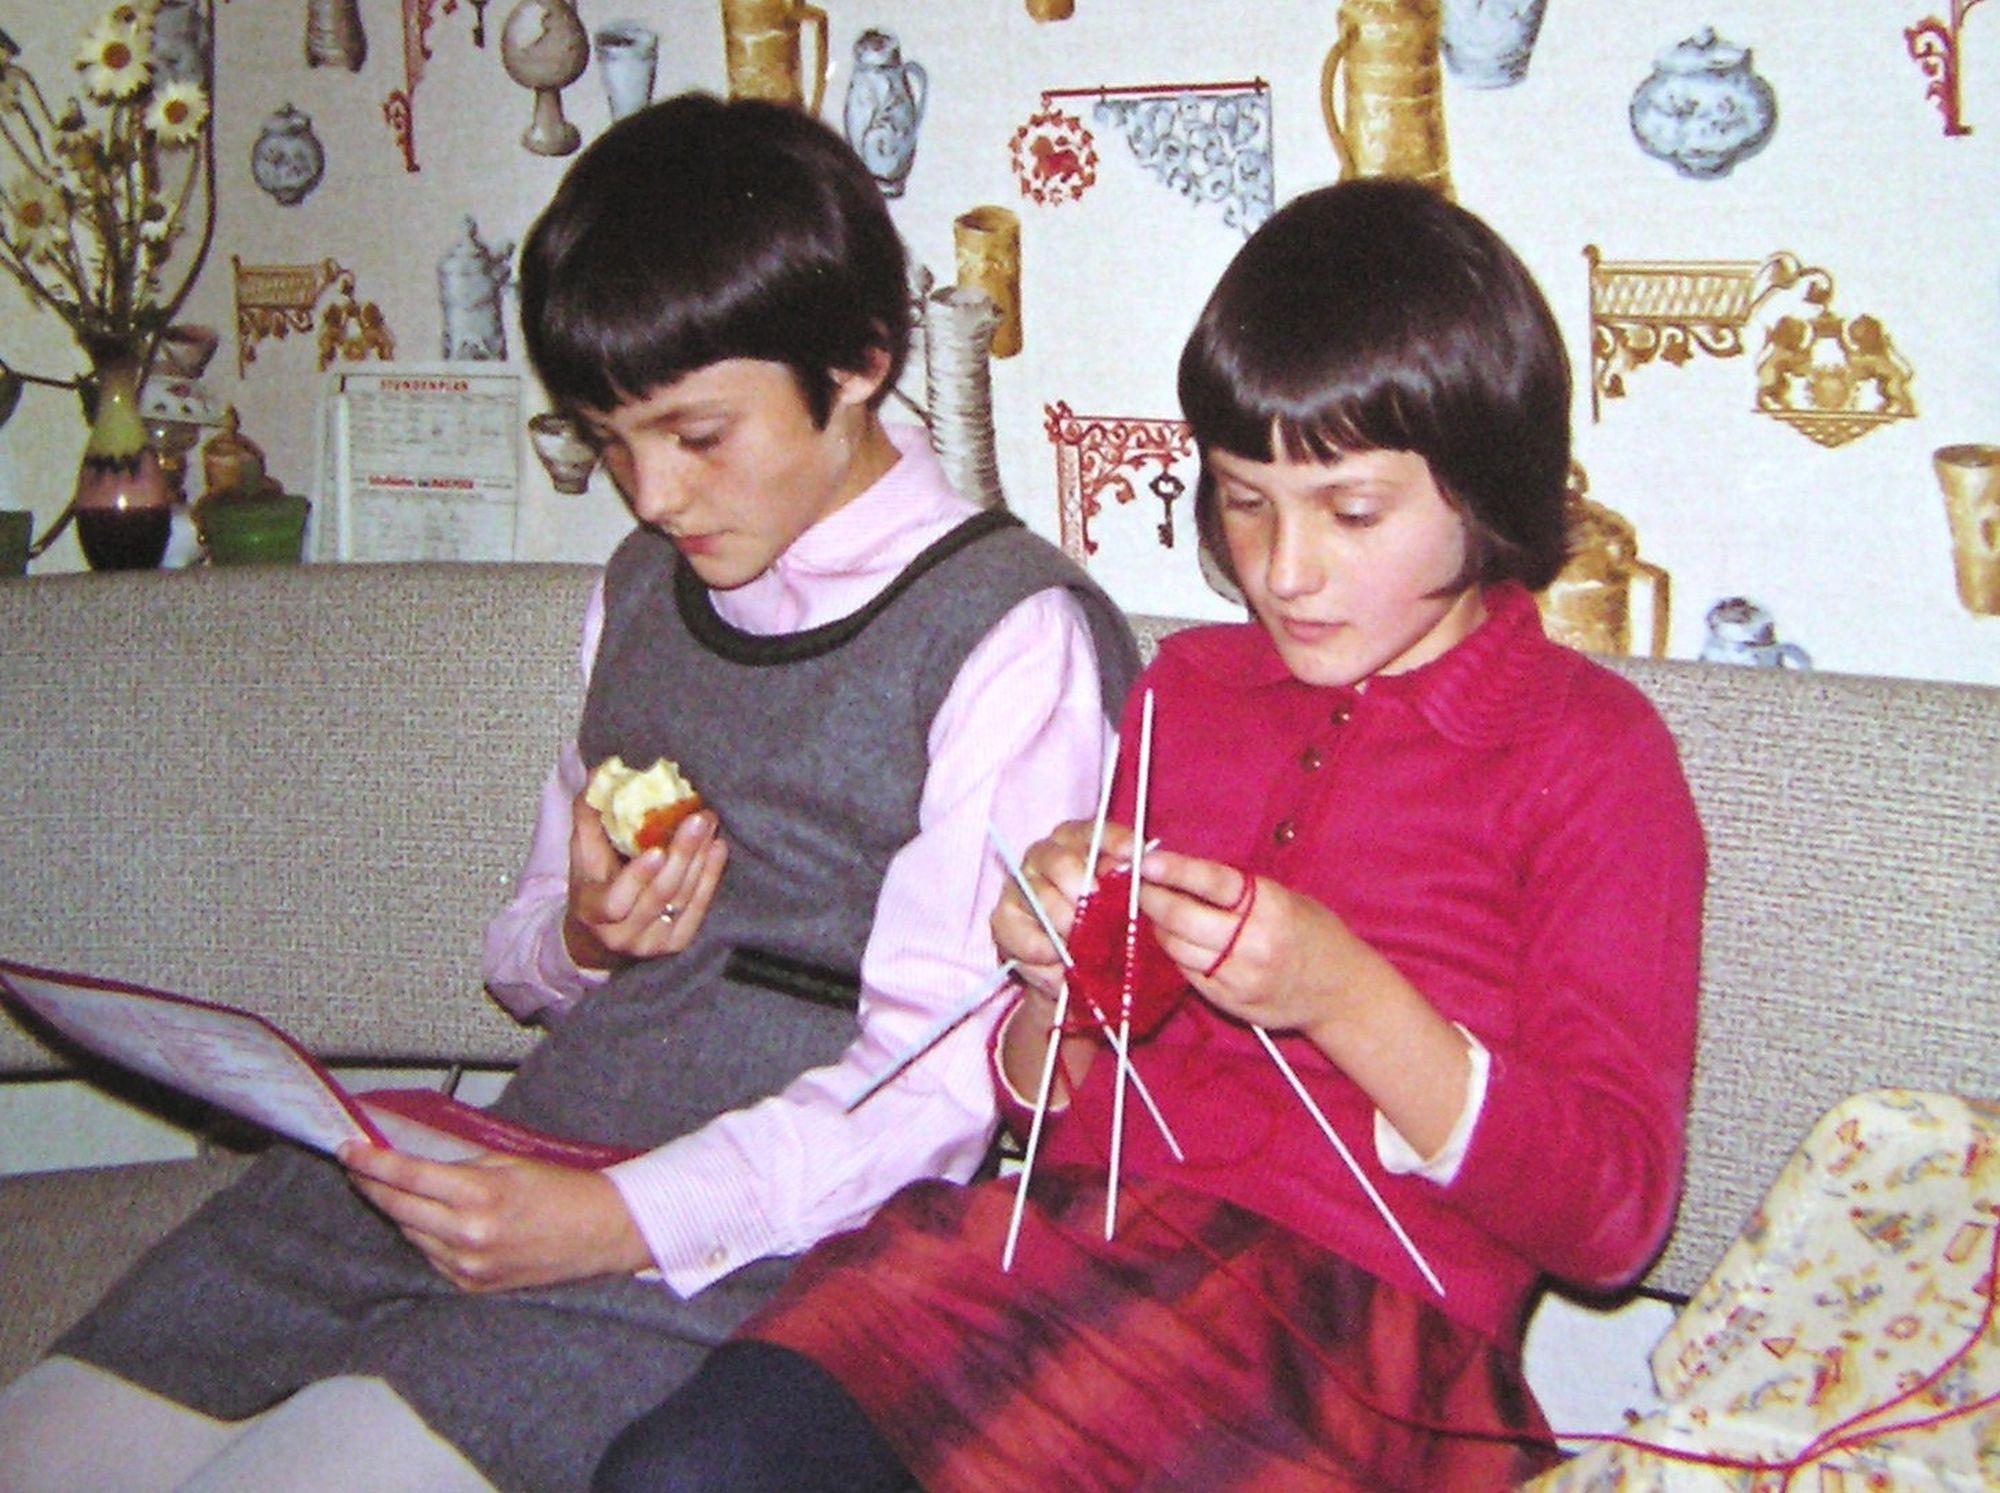 Die beiden Schwestern bei der Arbeit (Foto: Gerald Wechtitsch)